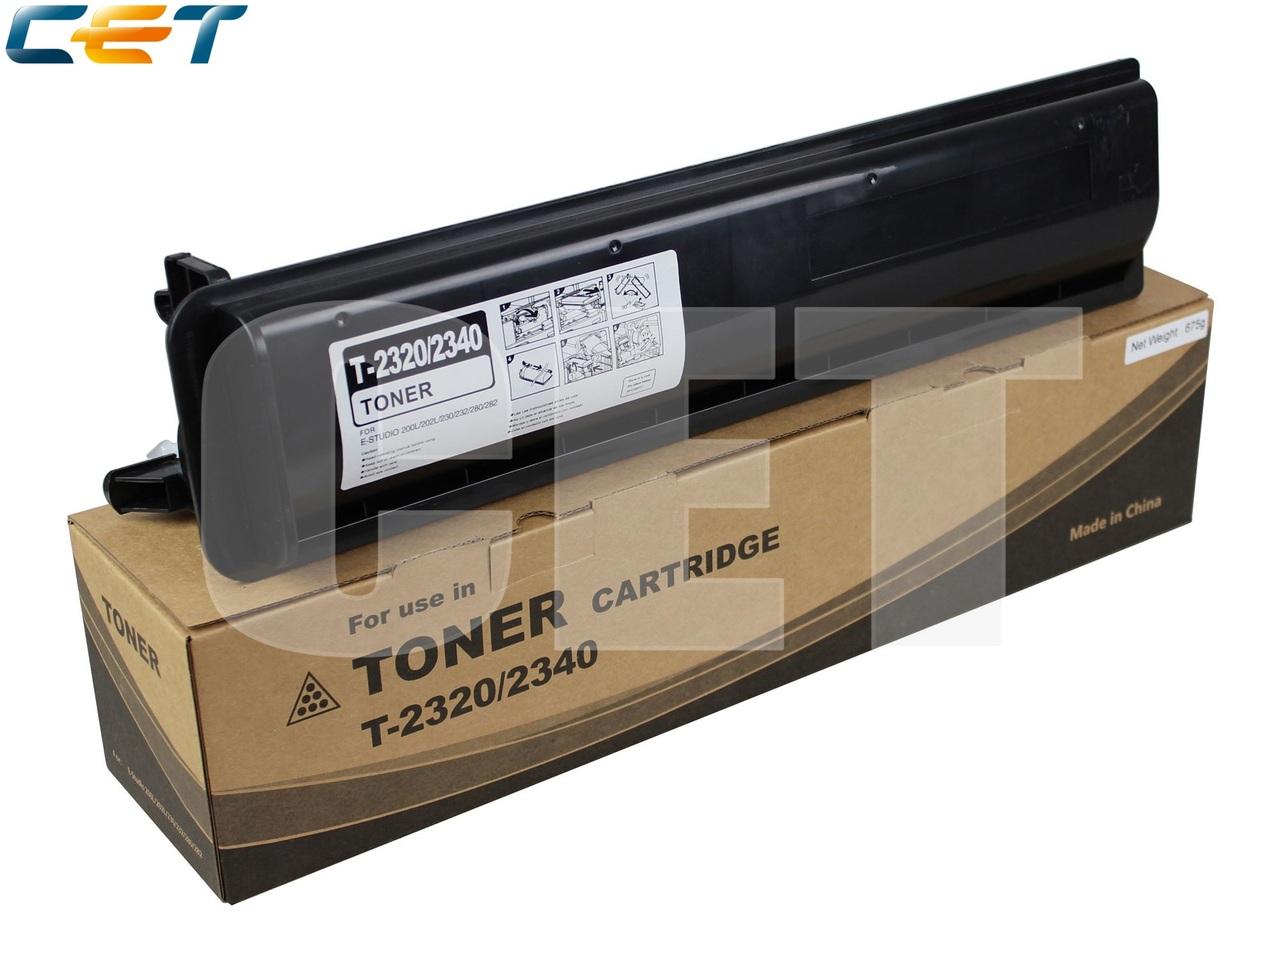 Тонер-картридж T-2320/2340 для TOSHIBA E-Studio200L/202L/230/232/280/282 (CET), 675г, 22000 стр., CET7457